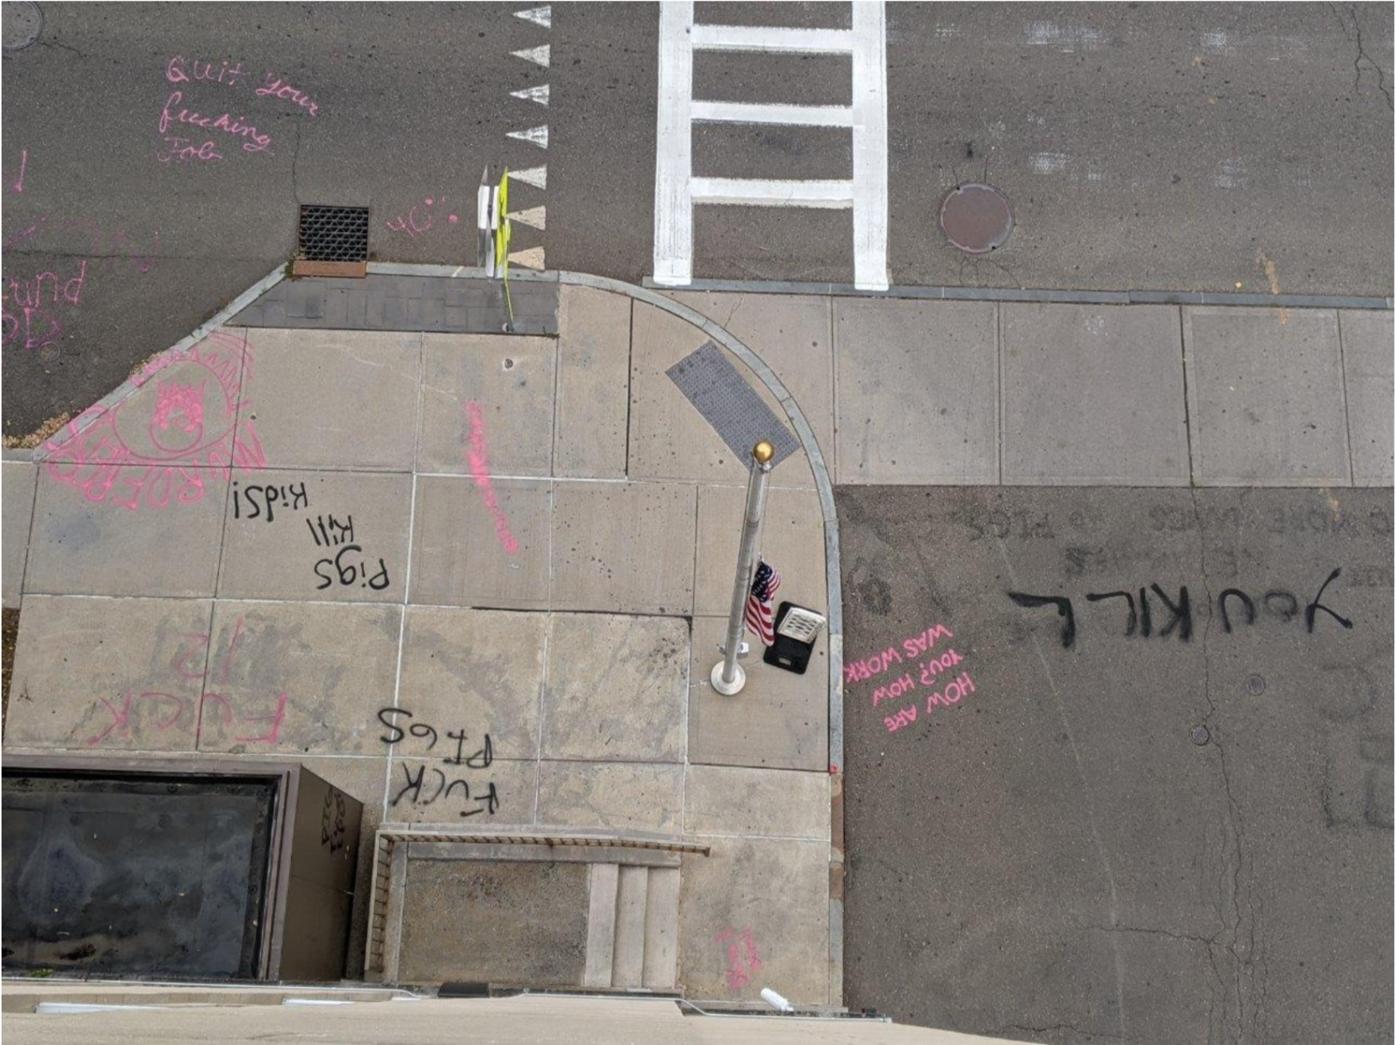 IPD graffiti